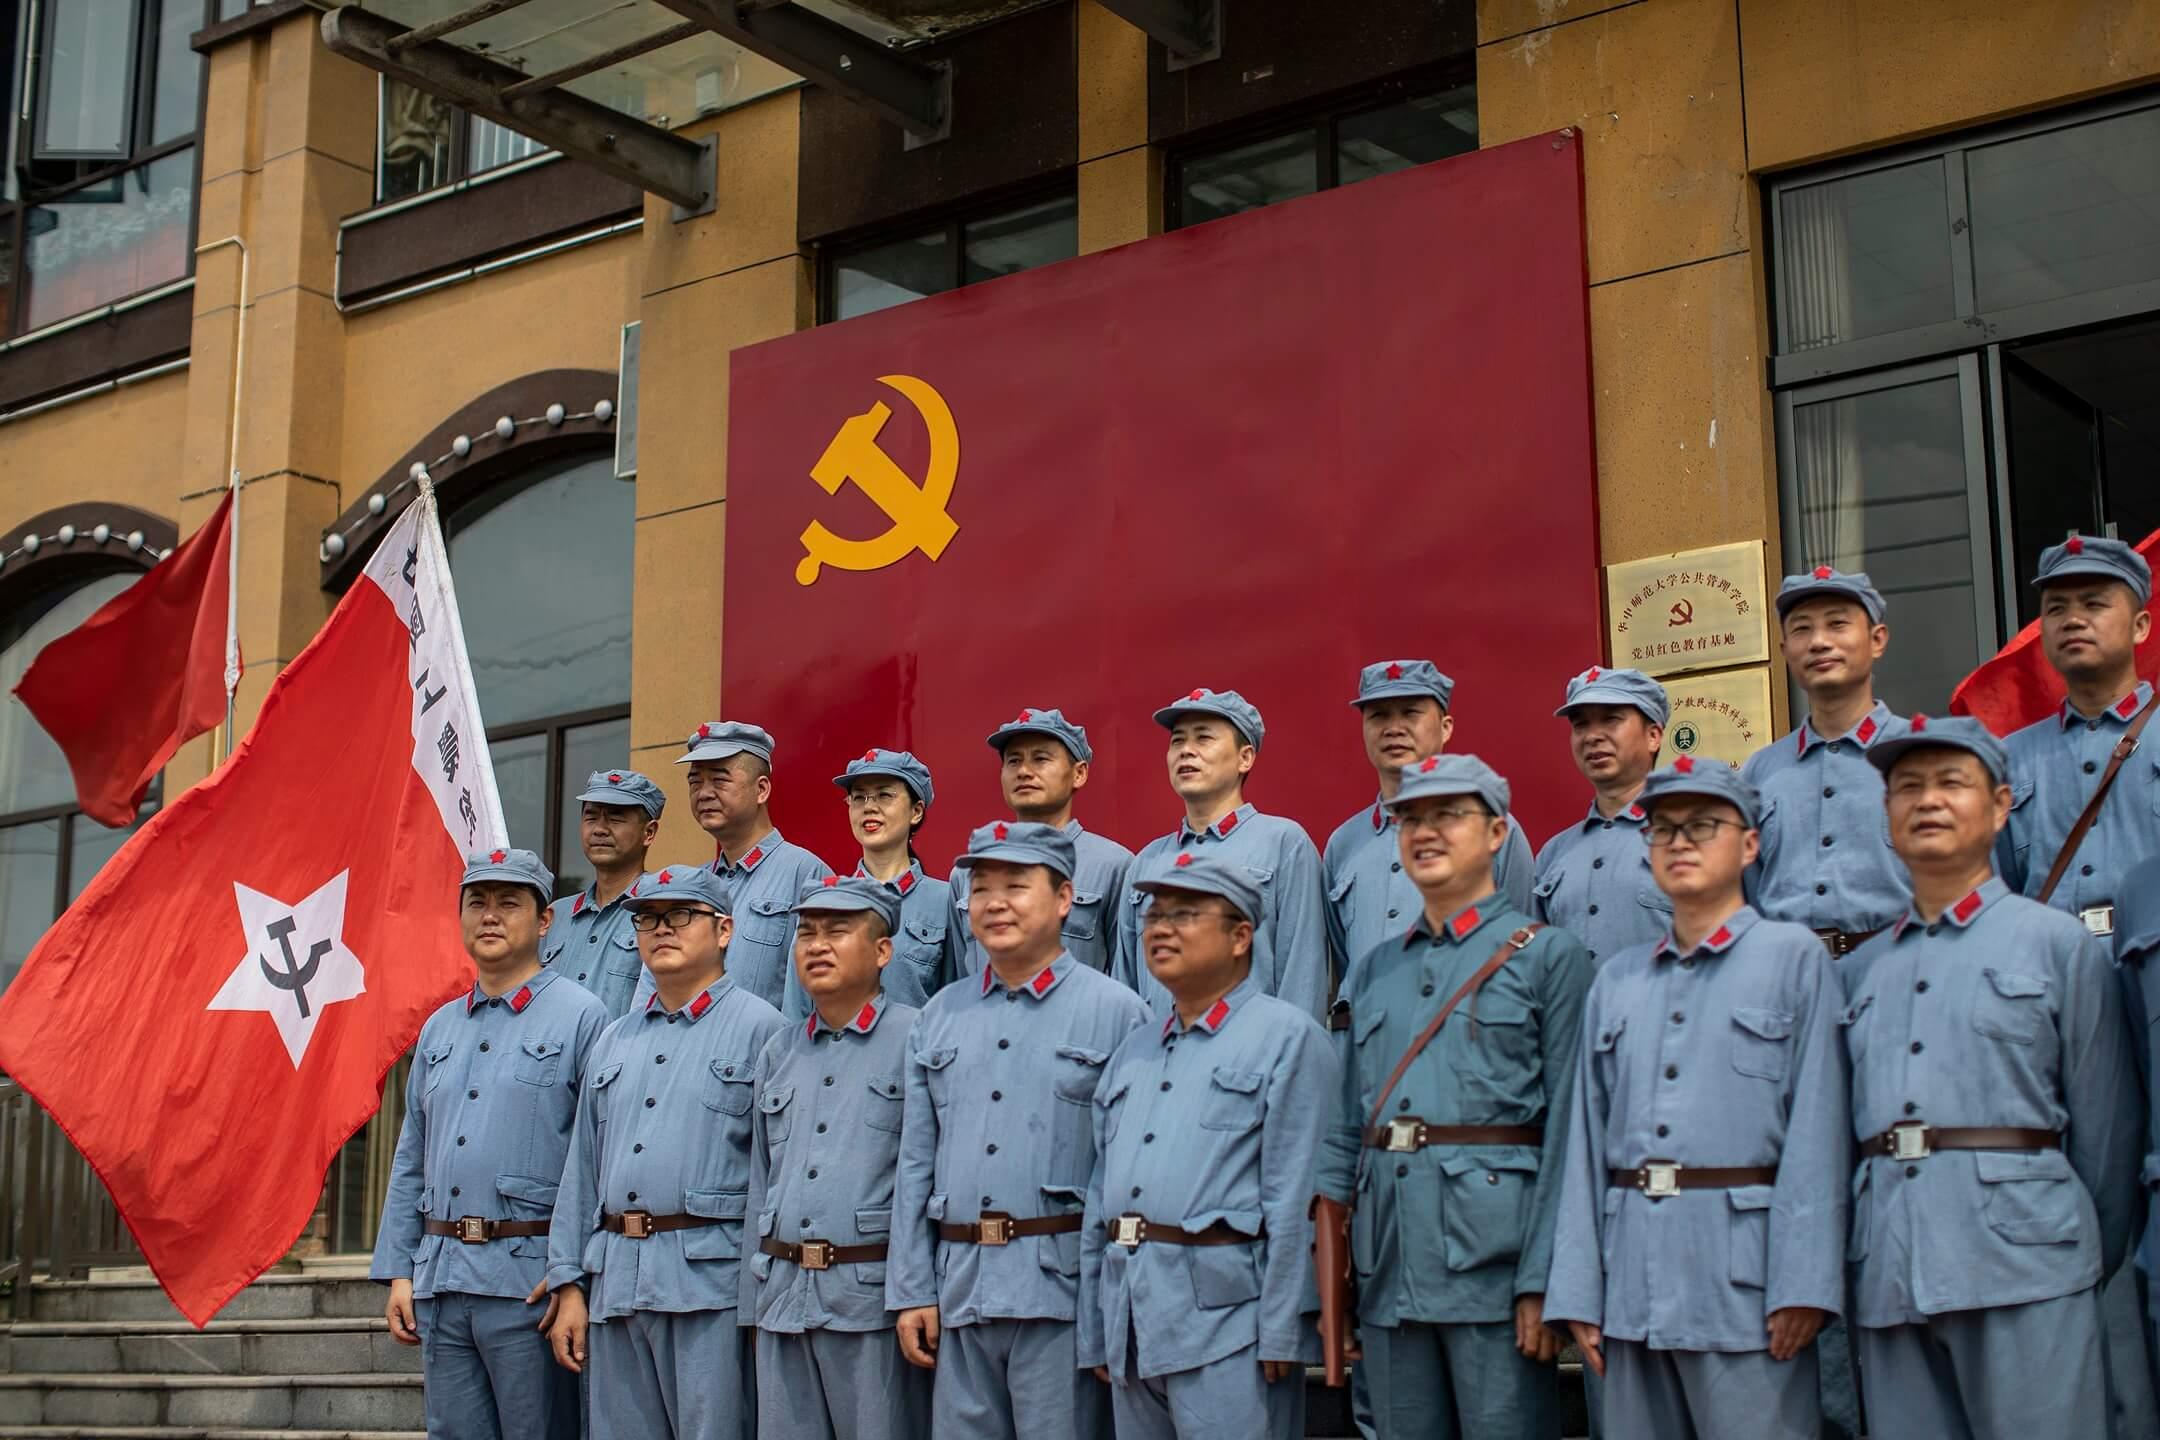 2021年6月26日,中國,穿上紅衛兵服裝的遊客到英山縣的長征精神體驗園參加活動,在中共黨旗下拍照留念。 攝:Stringer/Getty Images